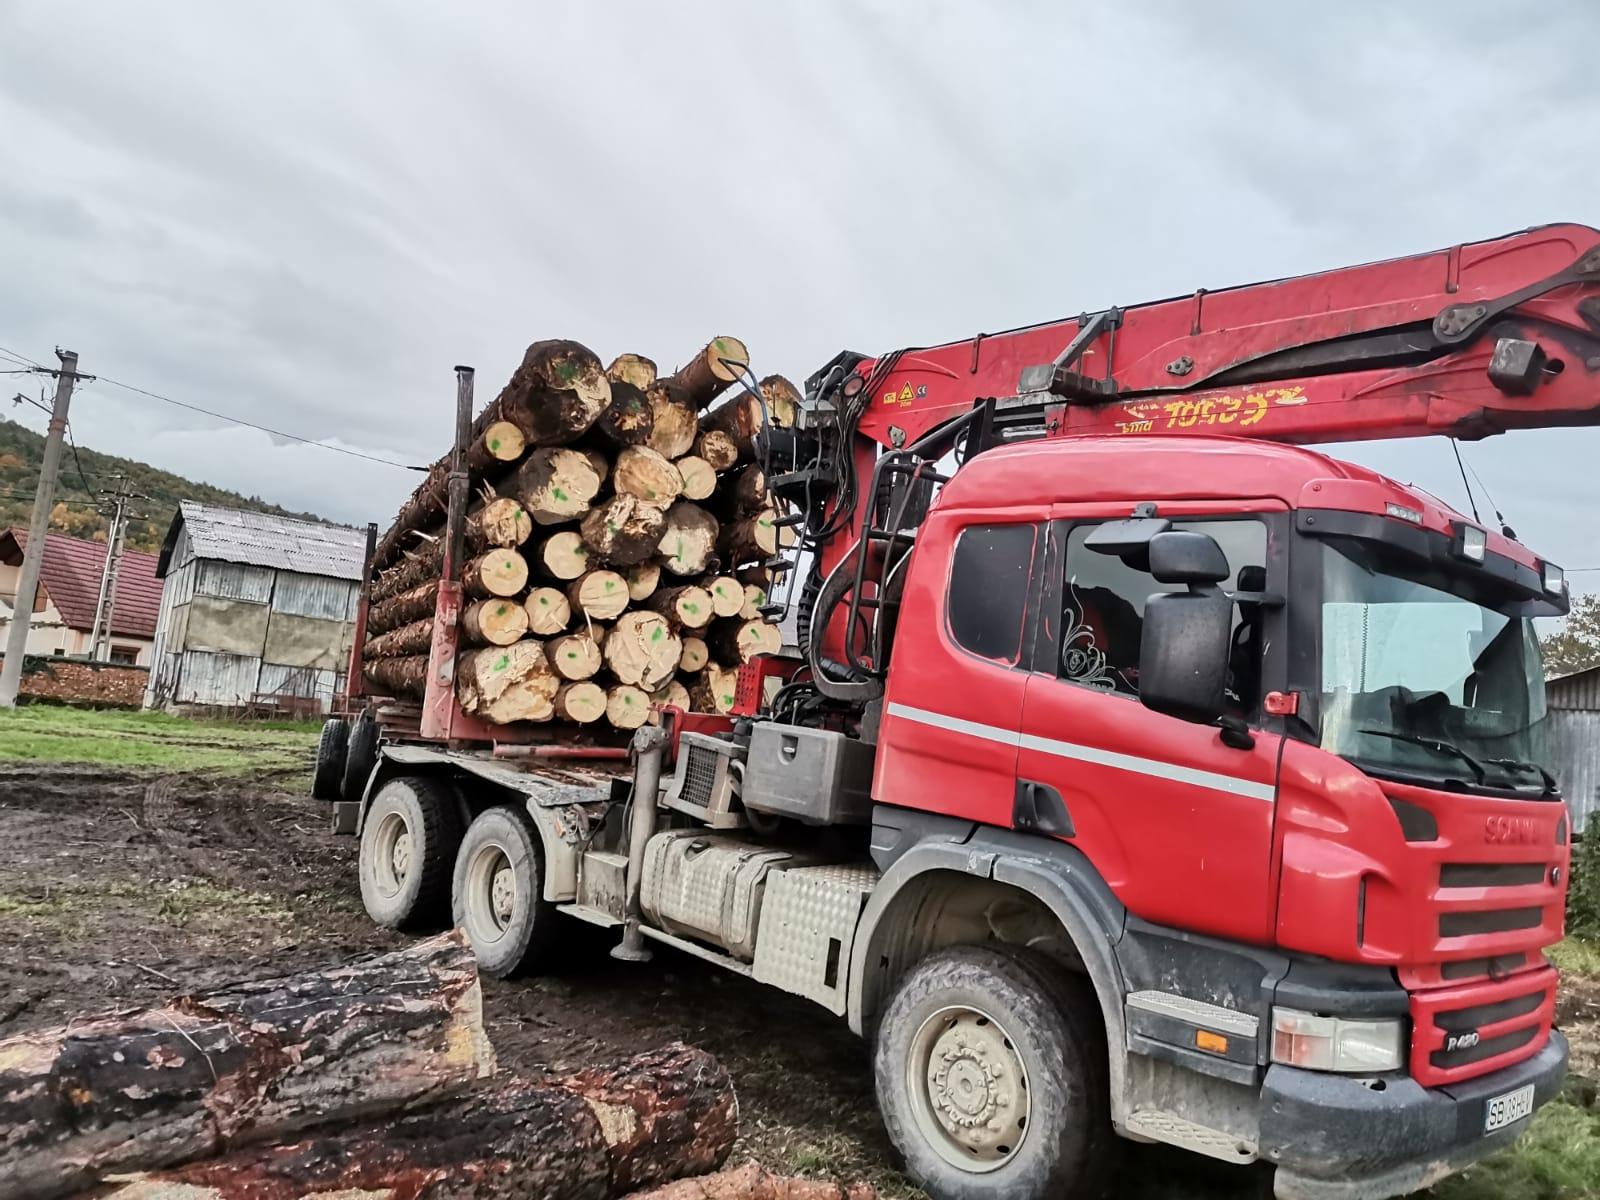 Scutul Pădurii: trei tineri, printre care și un minor, au fost prinși cu arbori tăiați ilegal